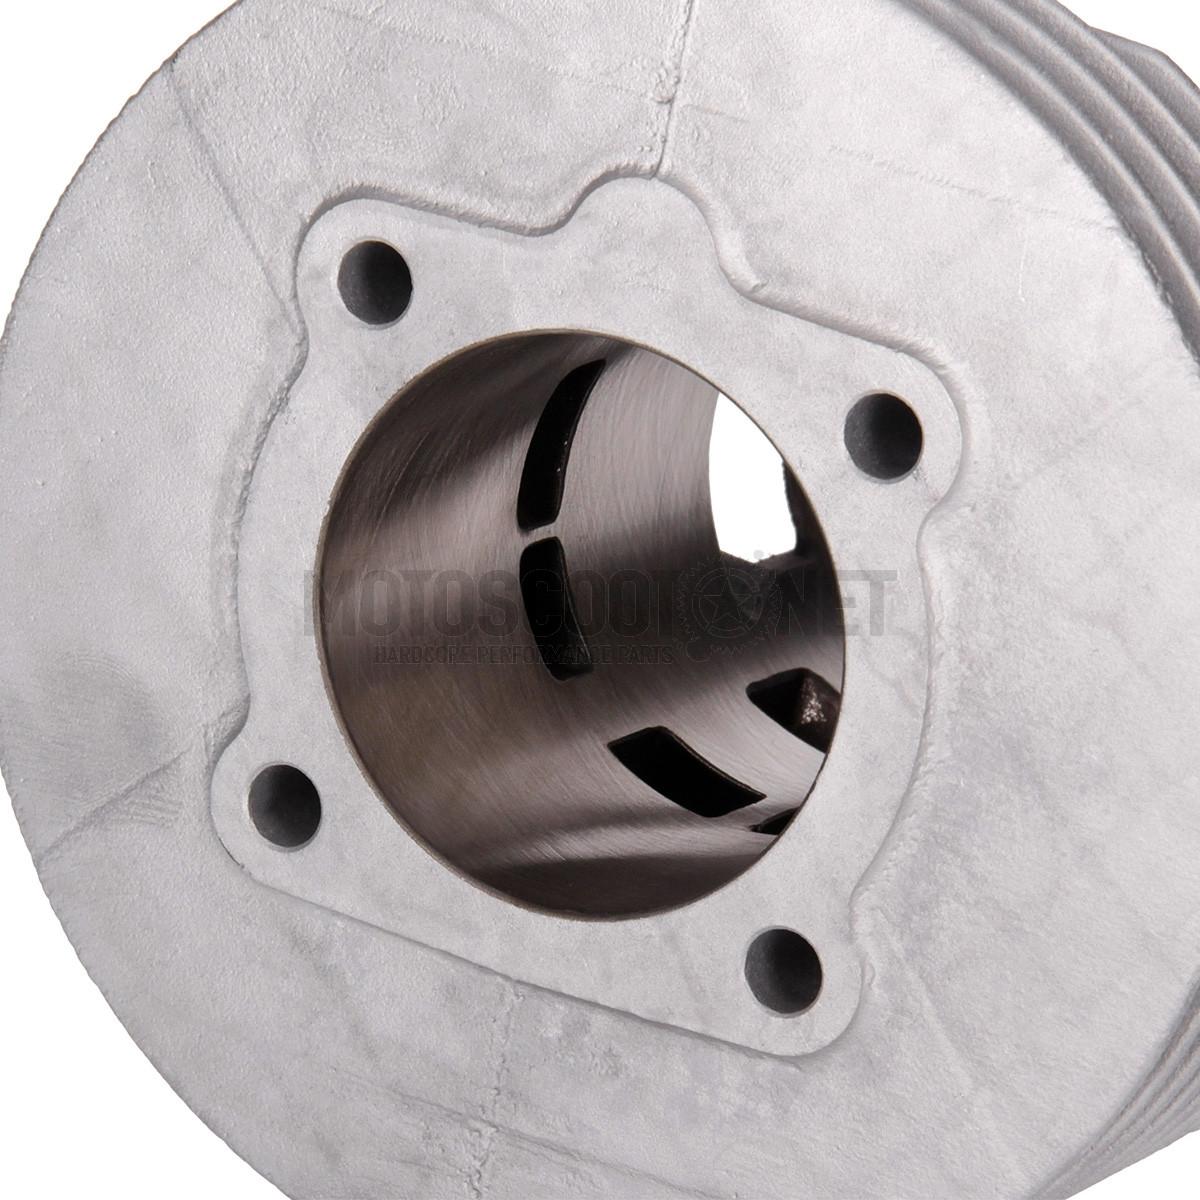 Cilindro Vespa Primavera 125cc a 130cc DR Racing Aluminio Sku:KT00135 /k/t/kt00135_09.jpg